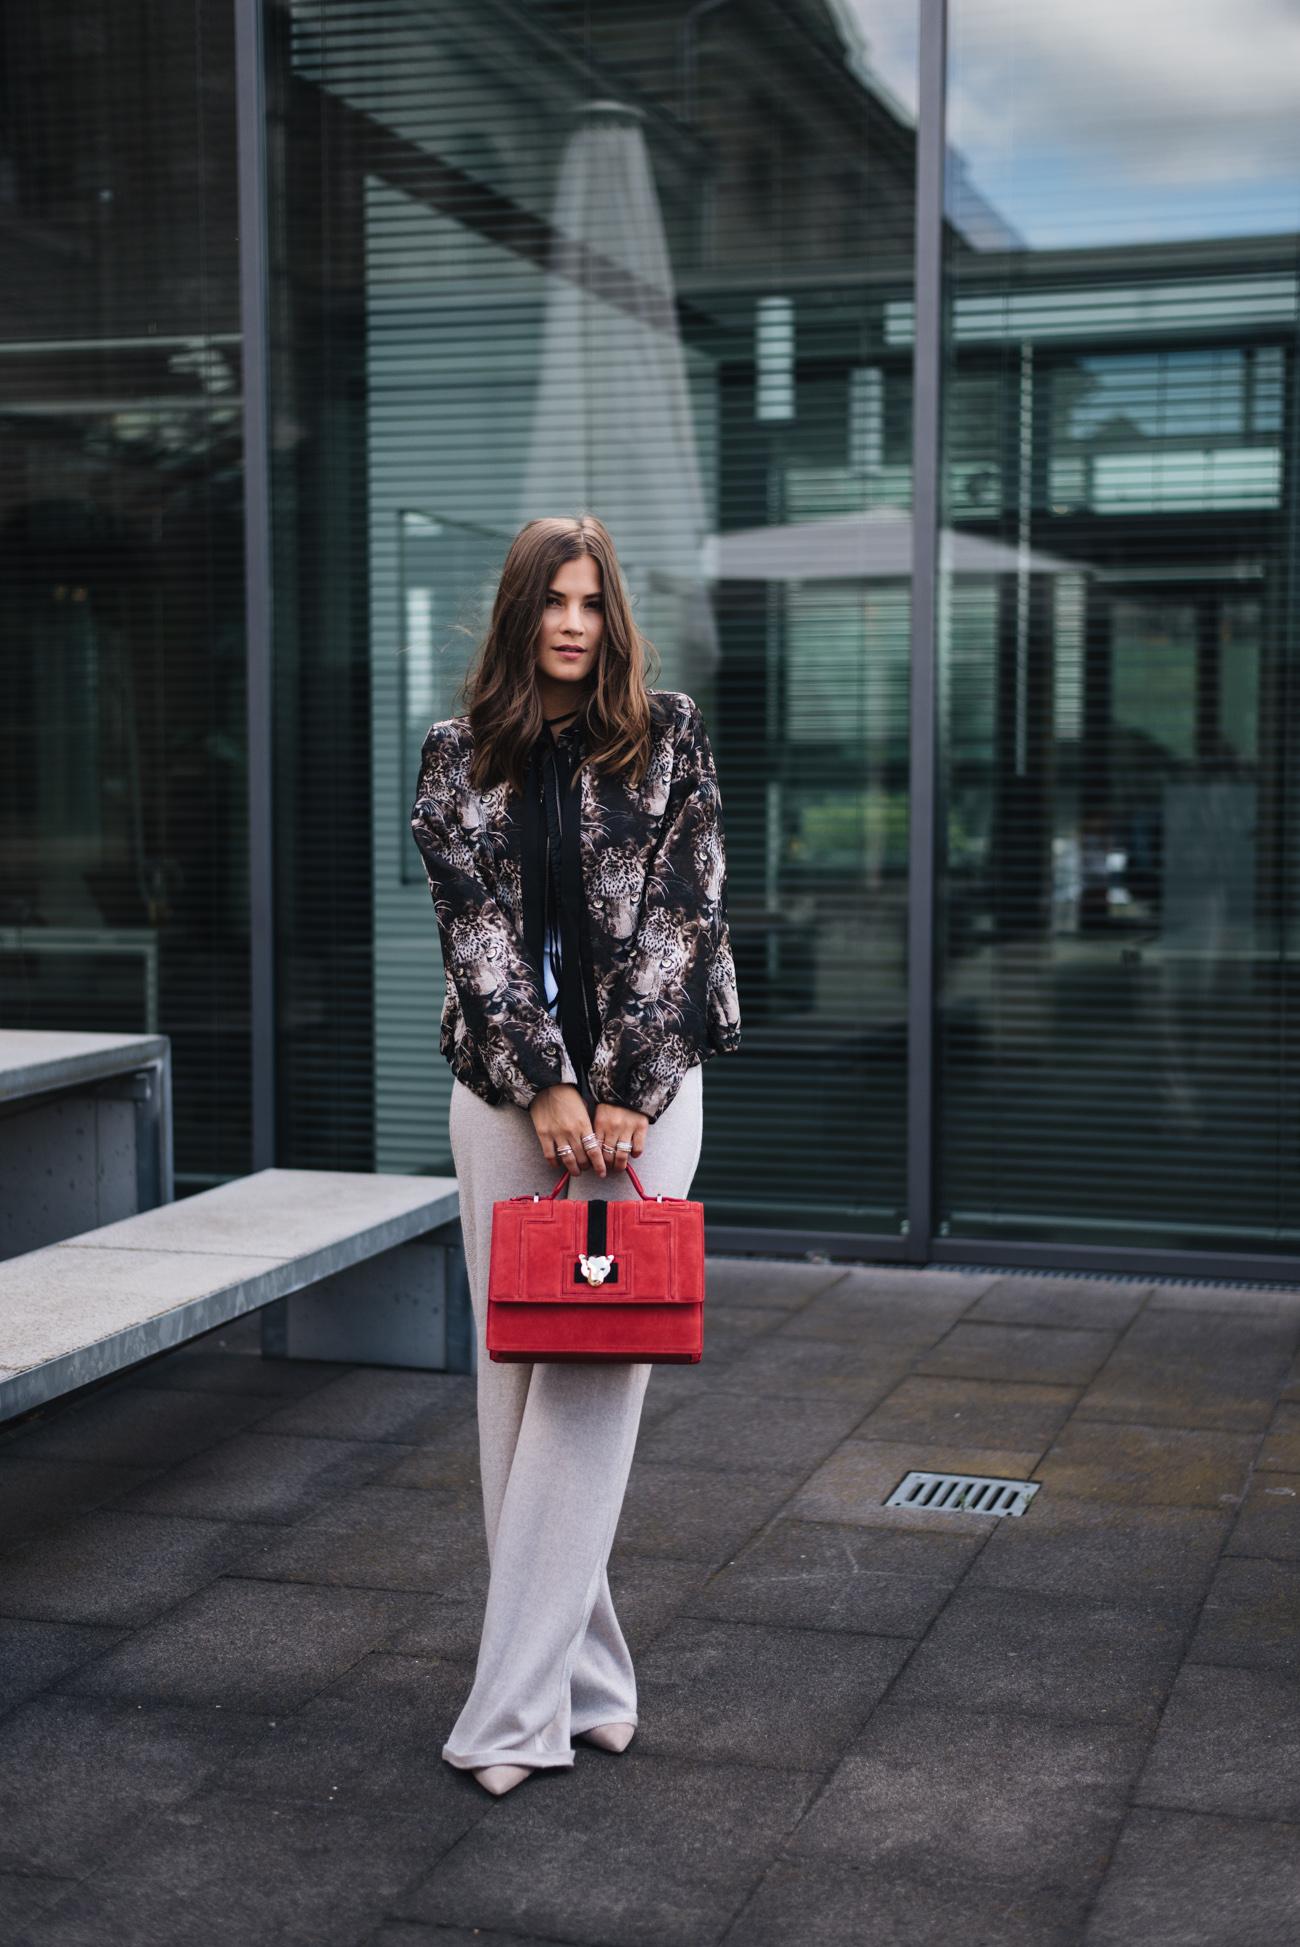 die-10-besten-fashion-blogs-deutschlands-mode-influencer-fashion-germany-fashiioncarpet-nina-schwichtenberg